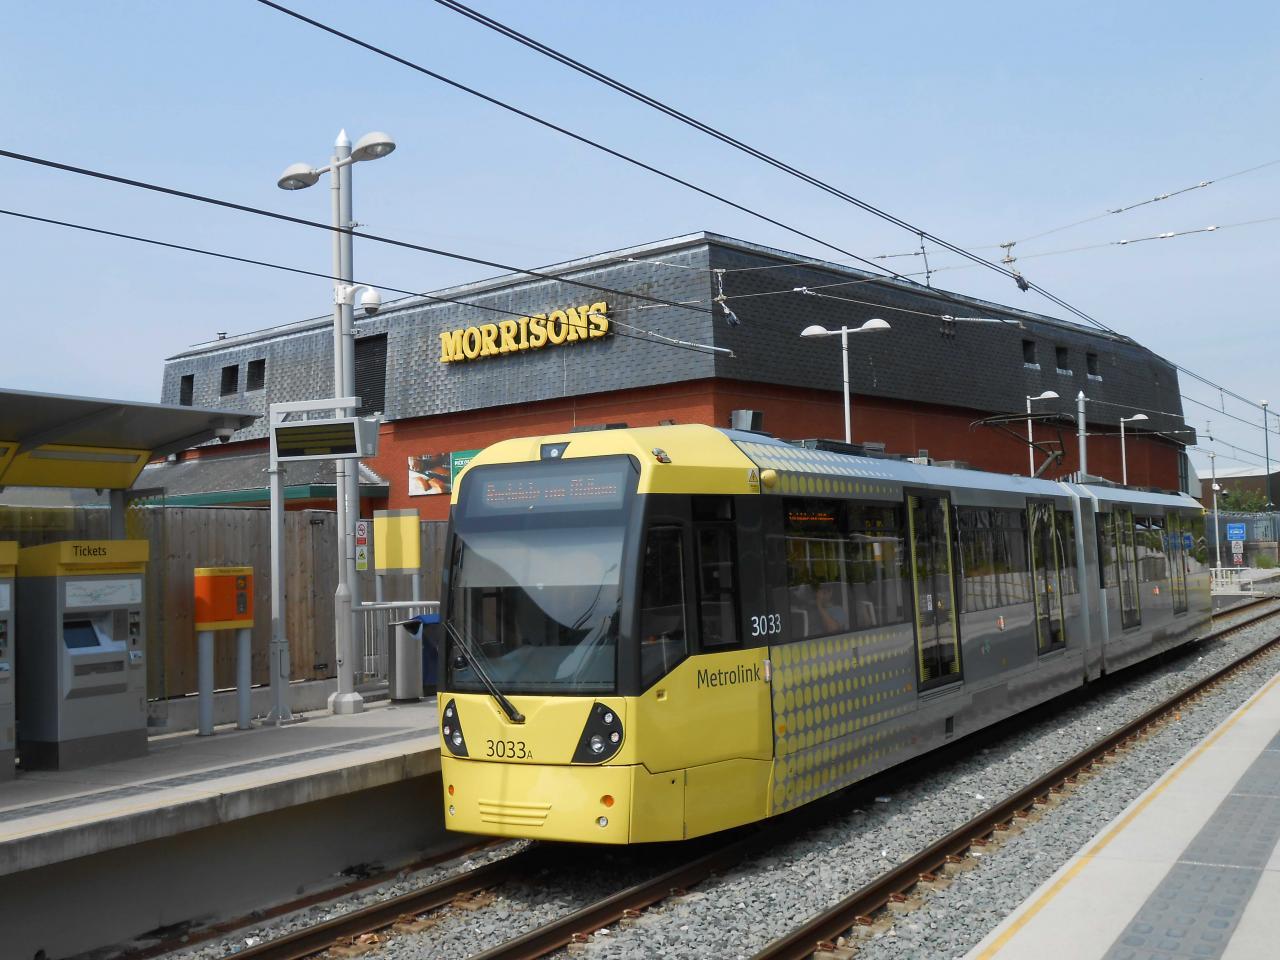 曼城未來數年將提升市內鐵路系統。